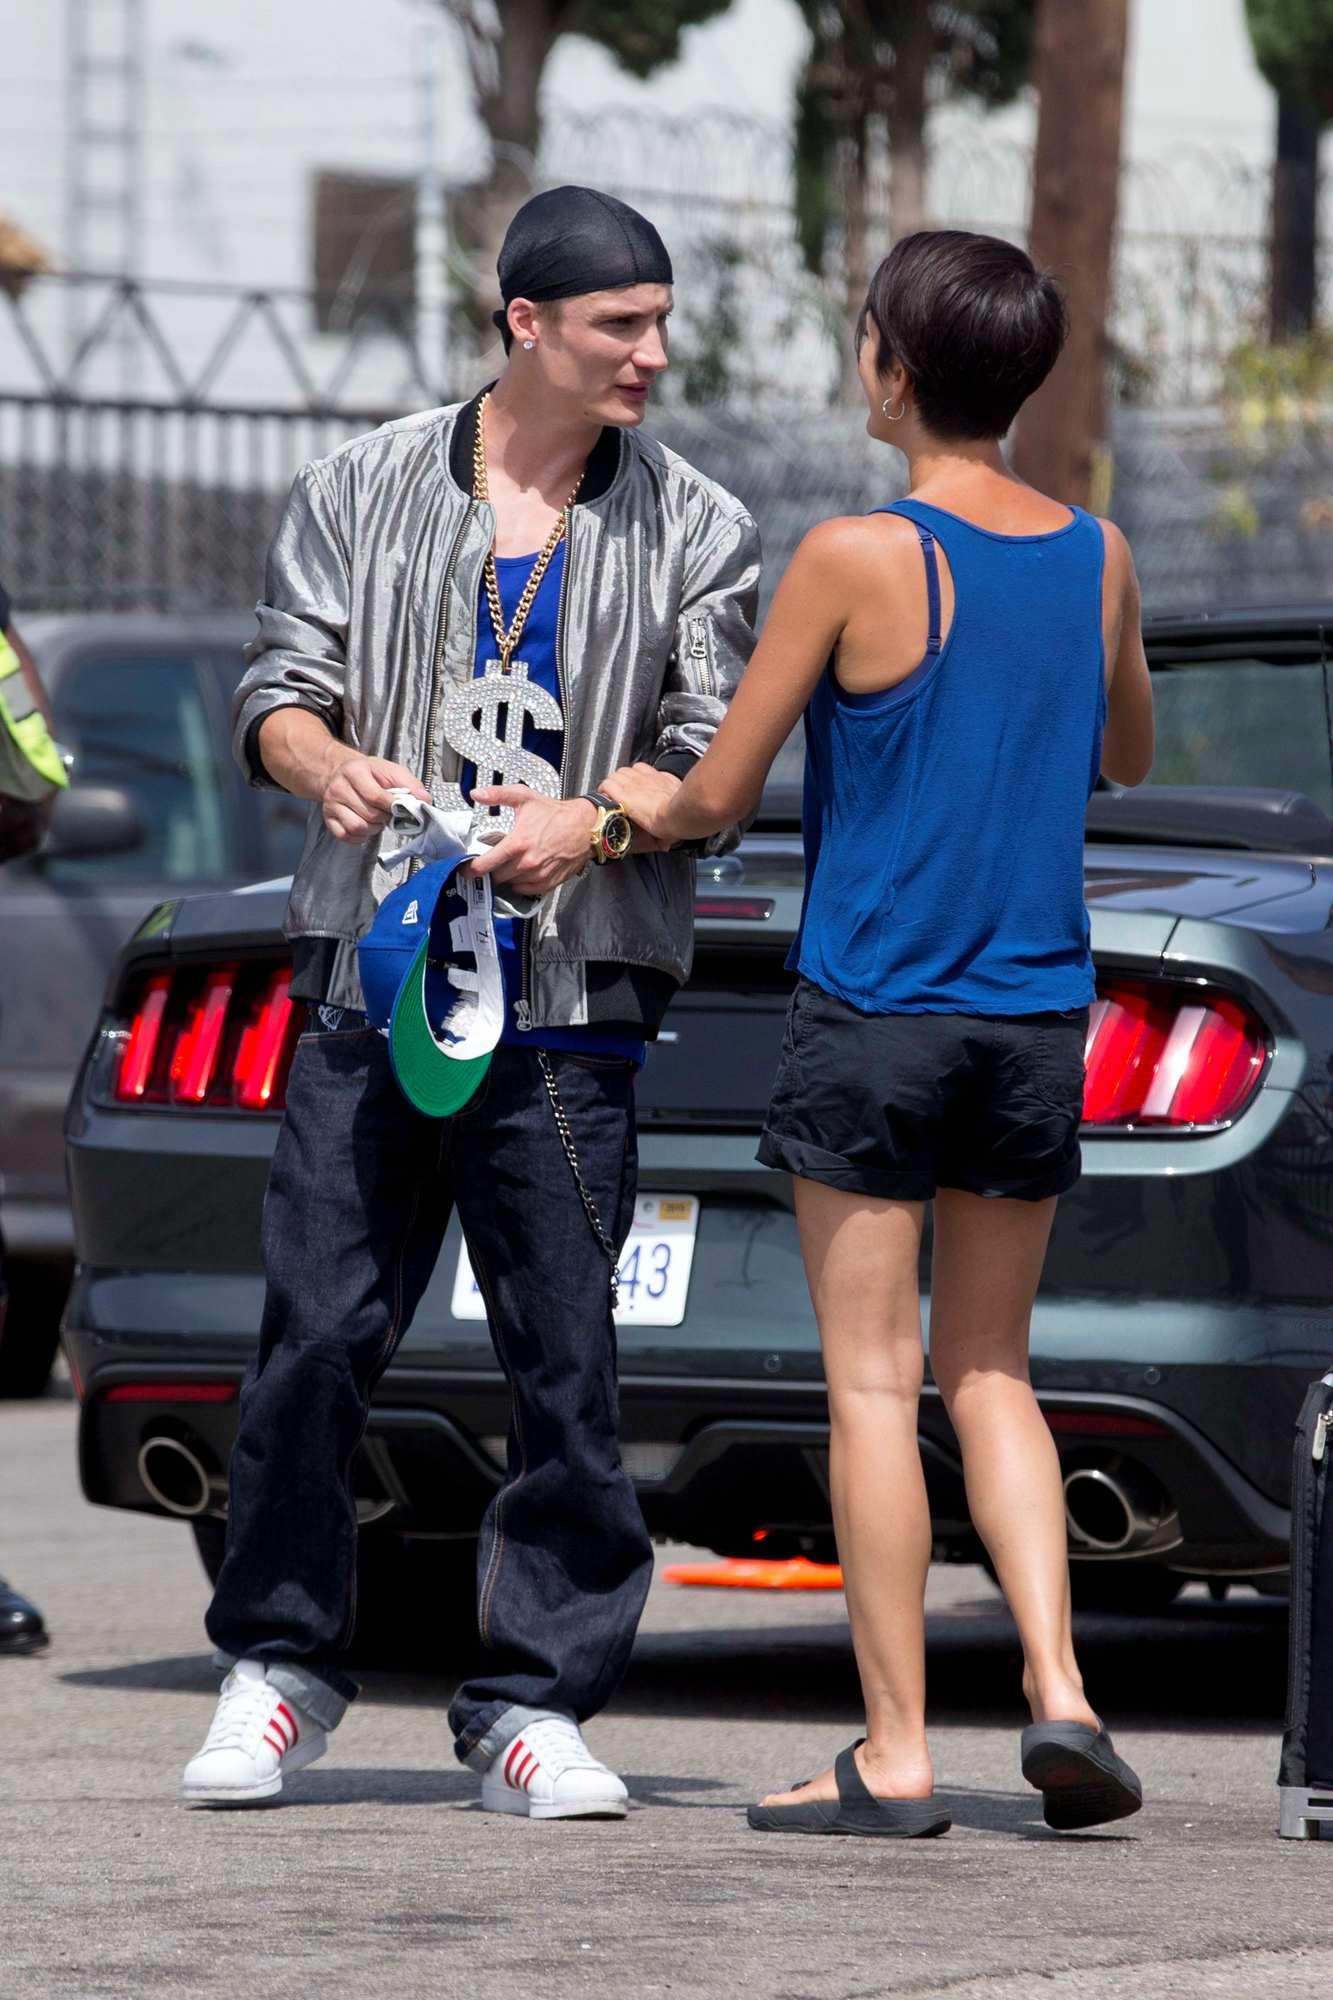 Pierre Lottin Filming Comedy Les Tuche in LA – Celeb Donut Rihanna